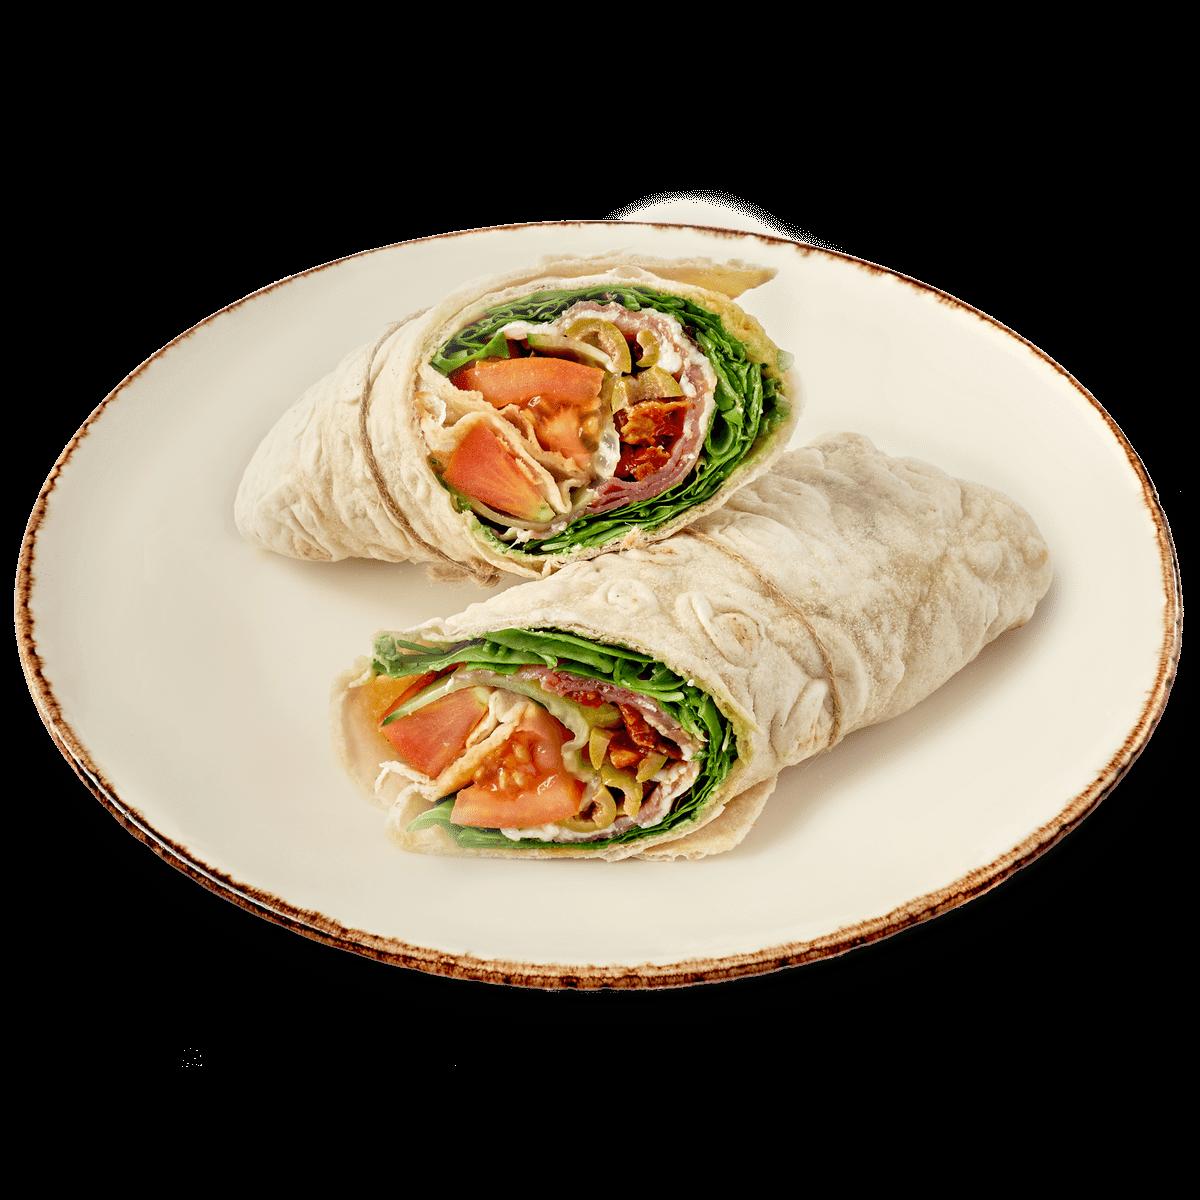 smorgasar-lufttorkad-skinka-mozzarella-wrap